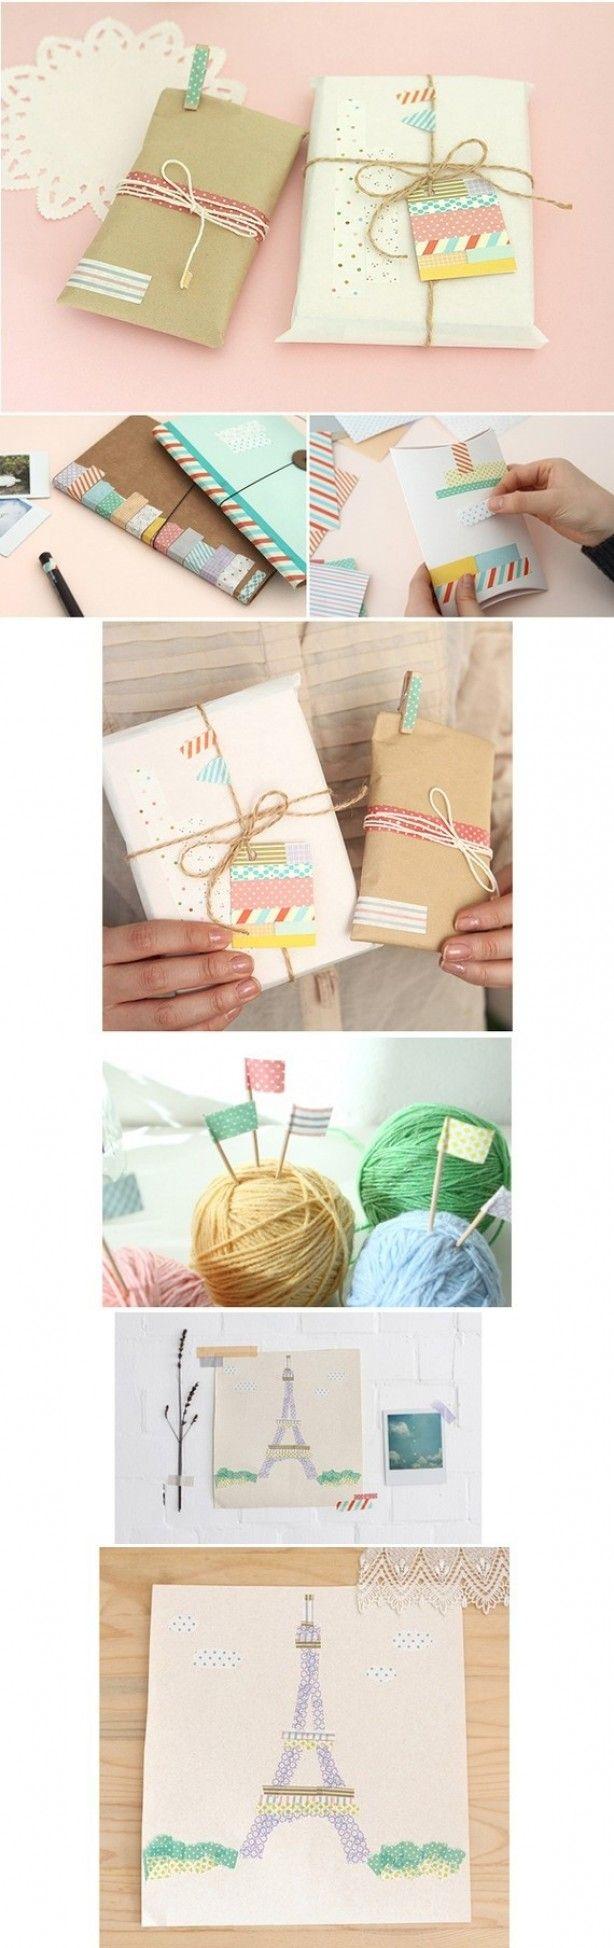 Creatief met gekleurd plakband